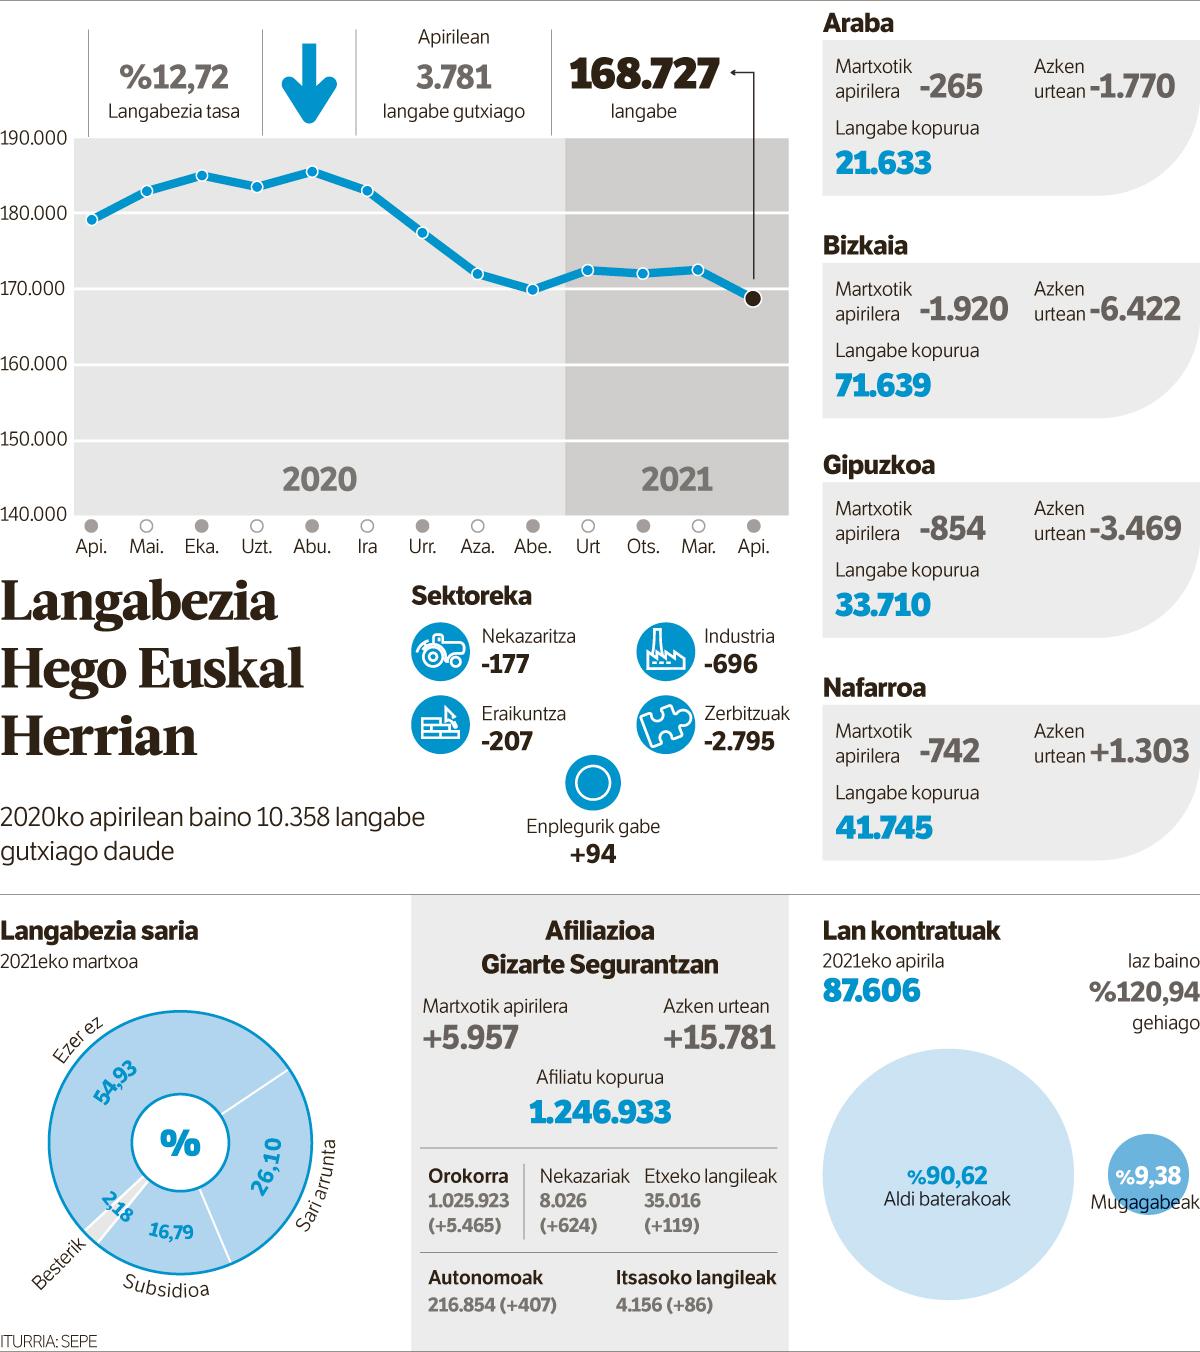 Apirilak suspertu egin du lan merkatua Hego Euskal Herrian